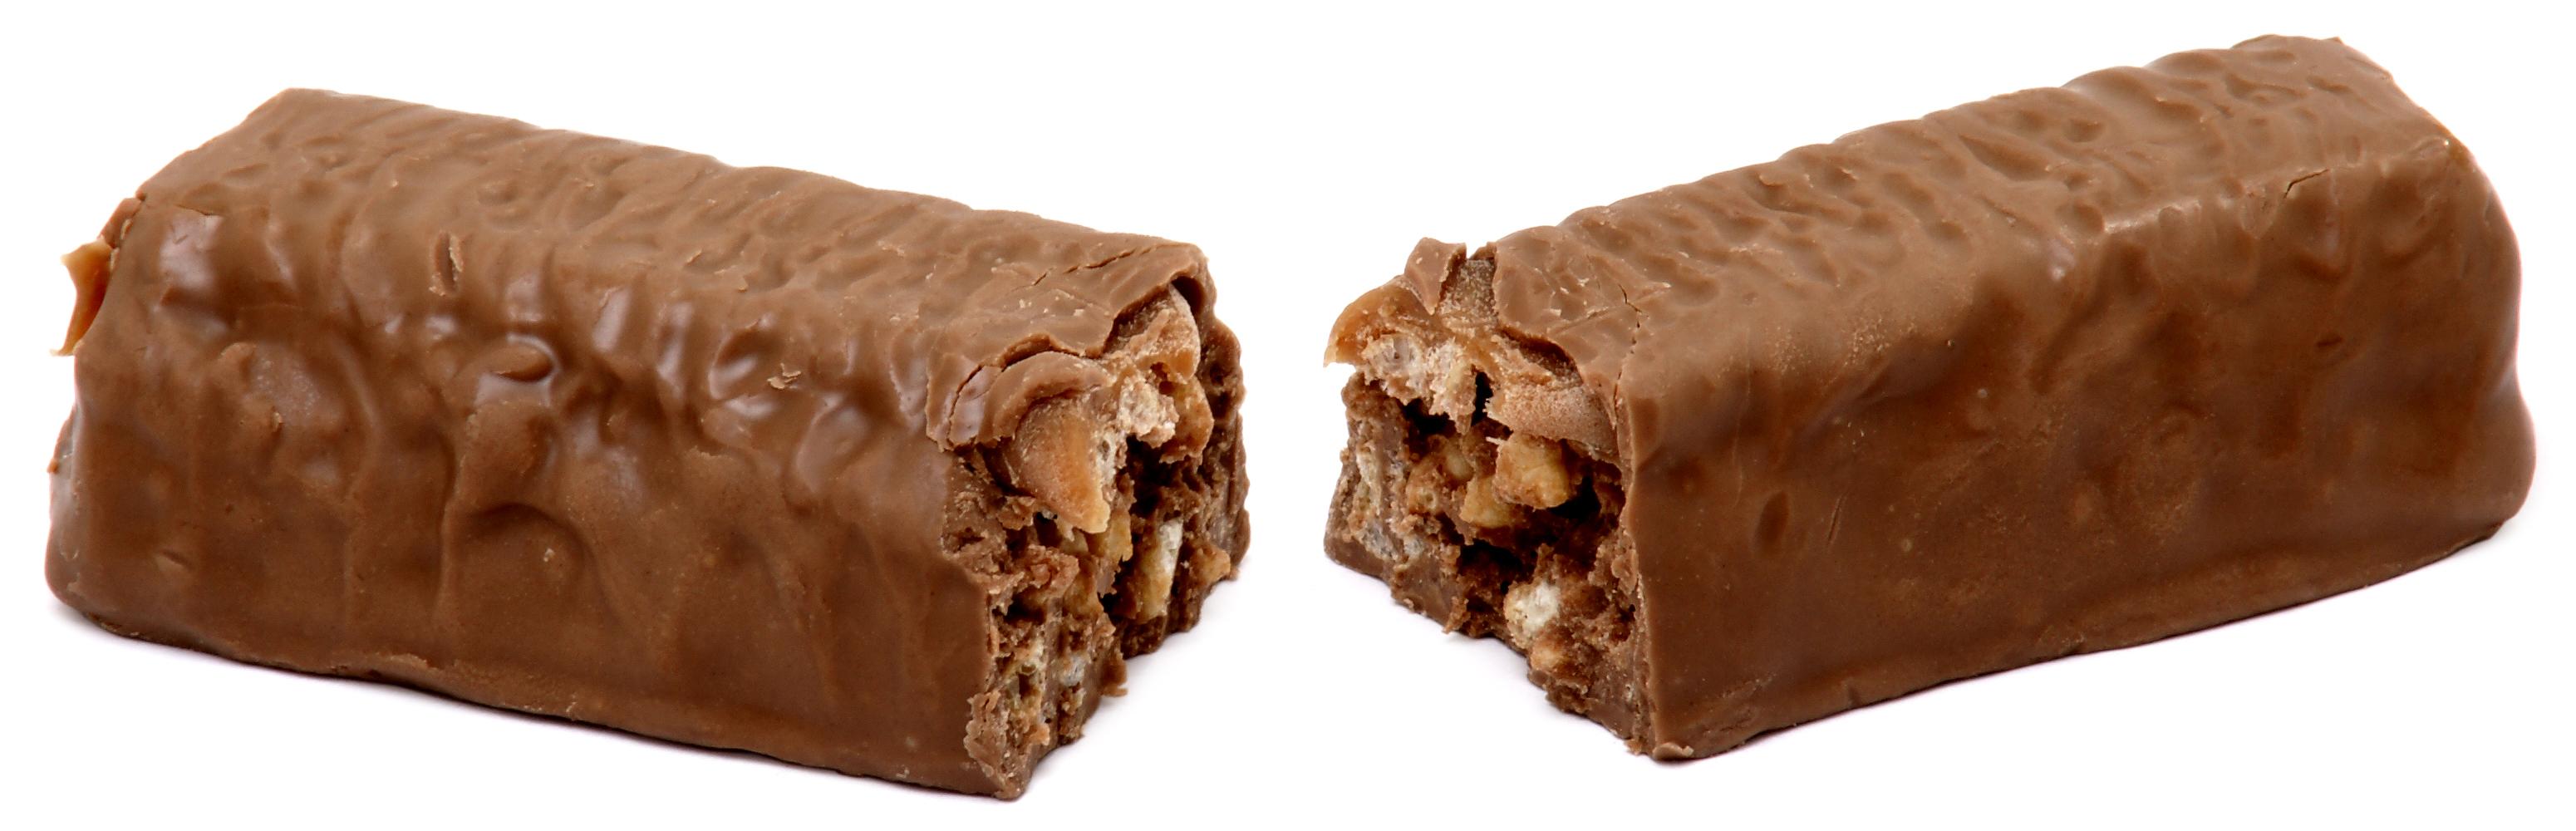 File:Toffee-Crisp-Split.jpg - Wikipedia, the free encyclopedia